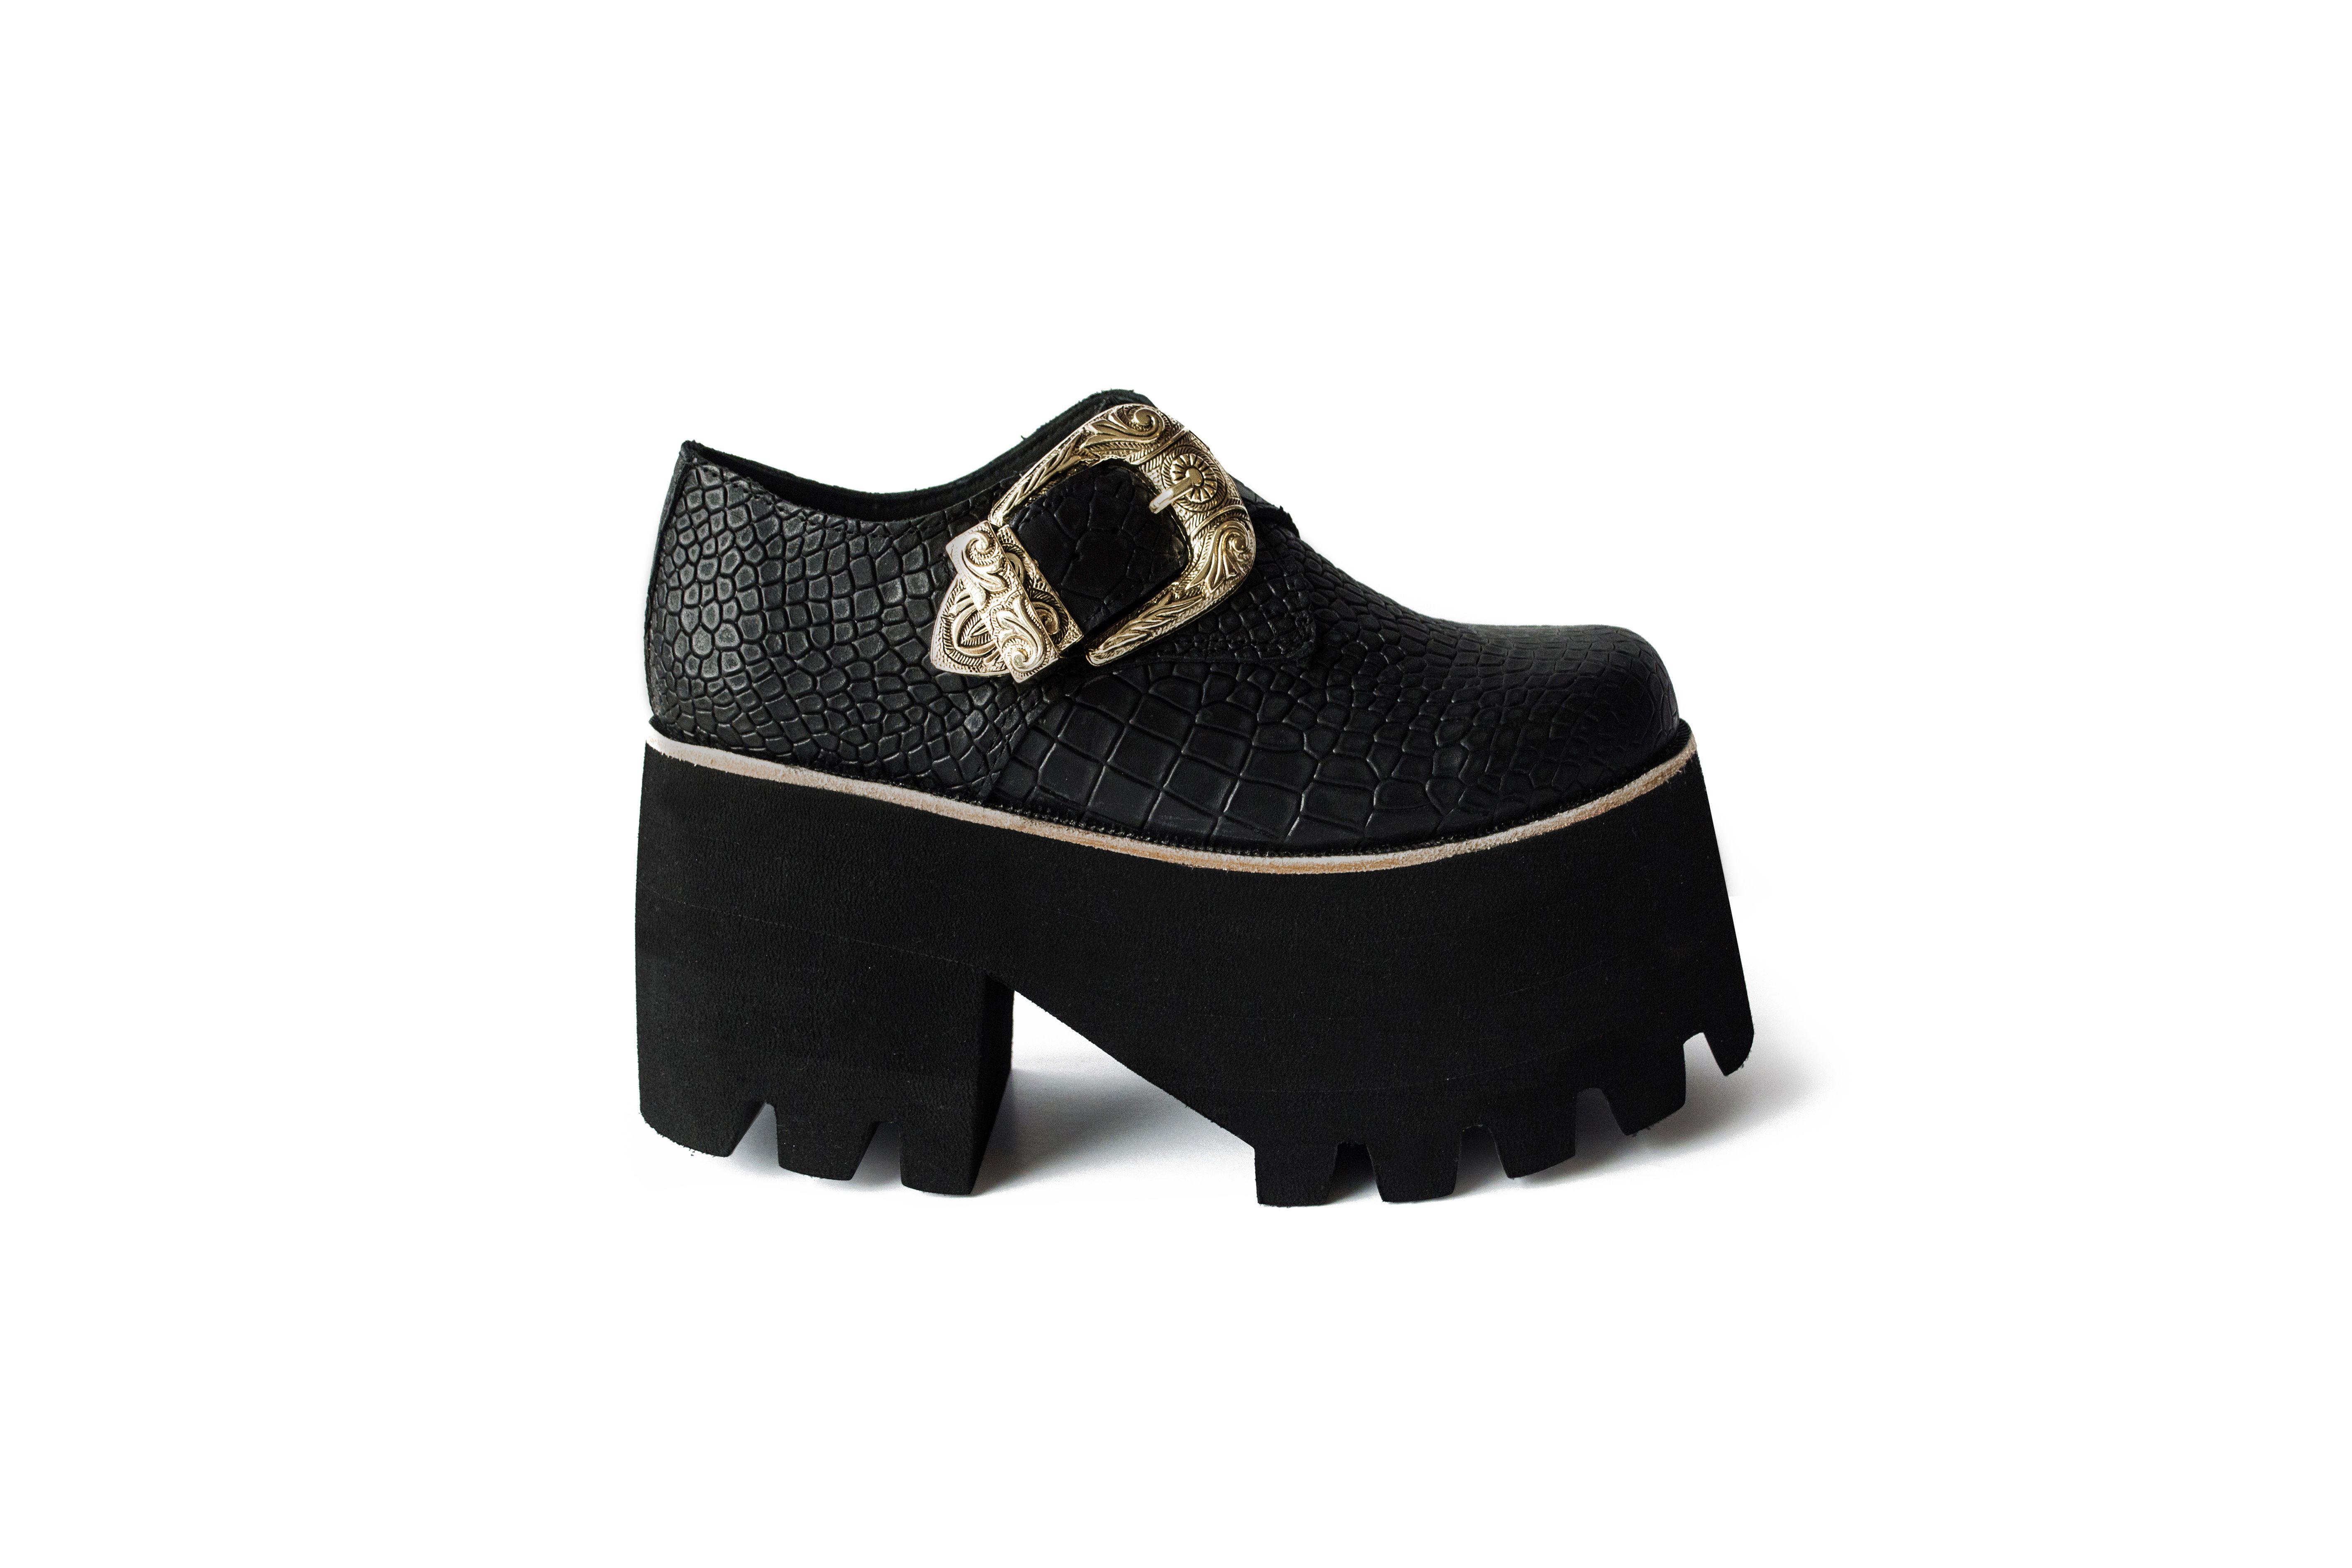 5850afaf Tailandia Zapatos Para Salir, Zapatos De Moda, Zapatos Lindos, Accesorios  De Moda,